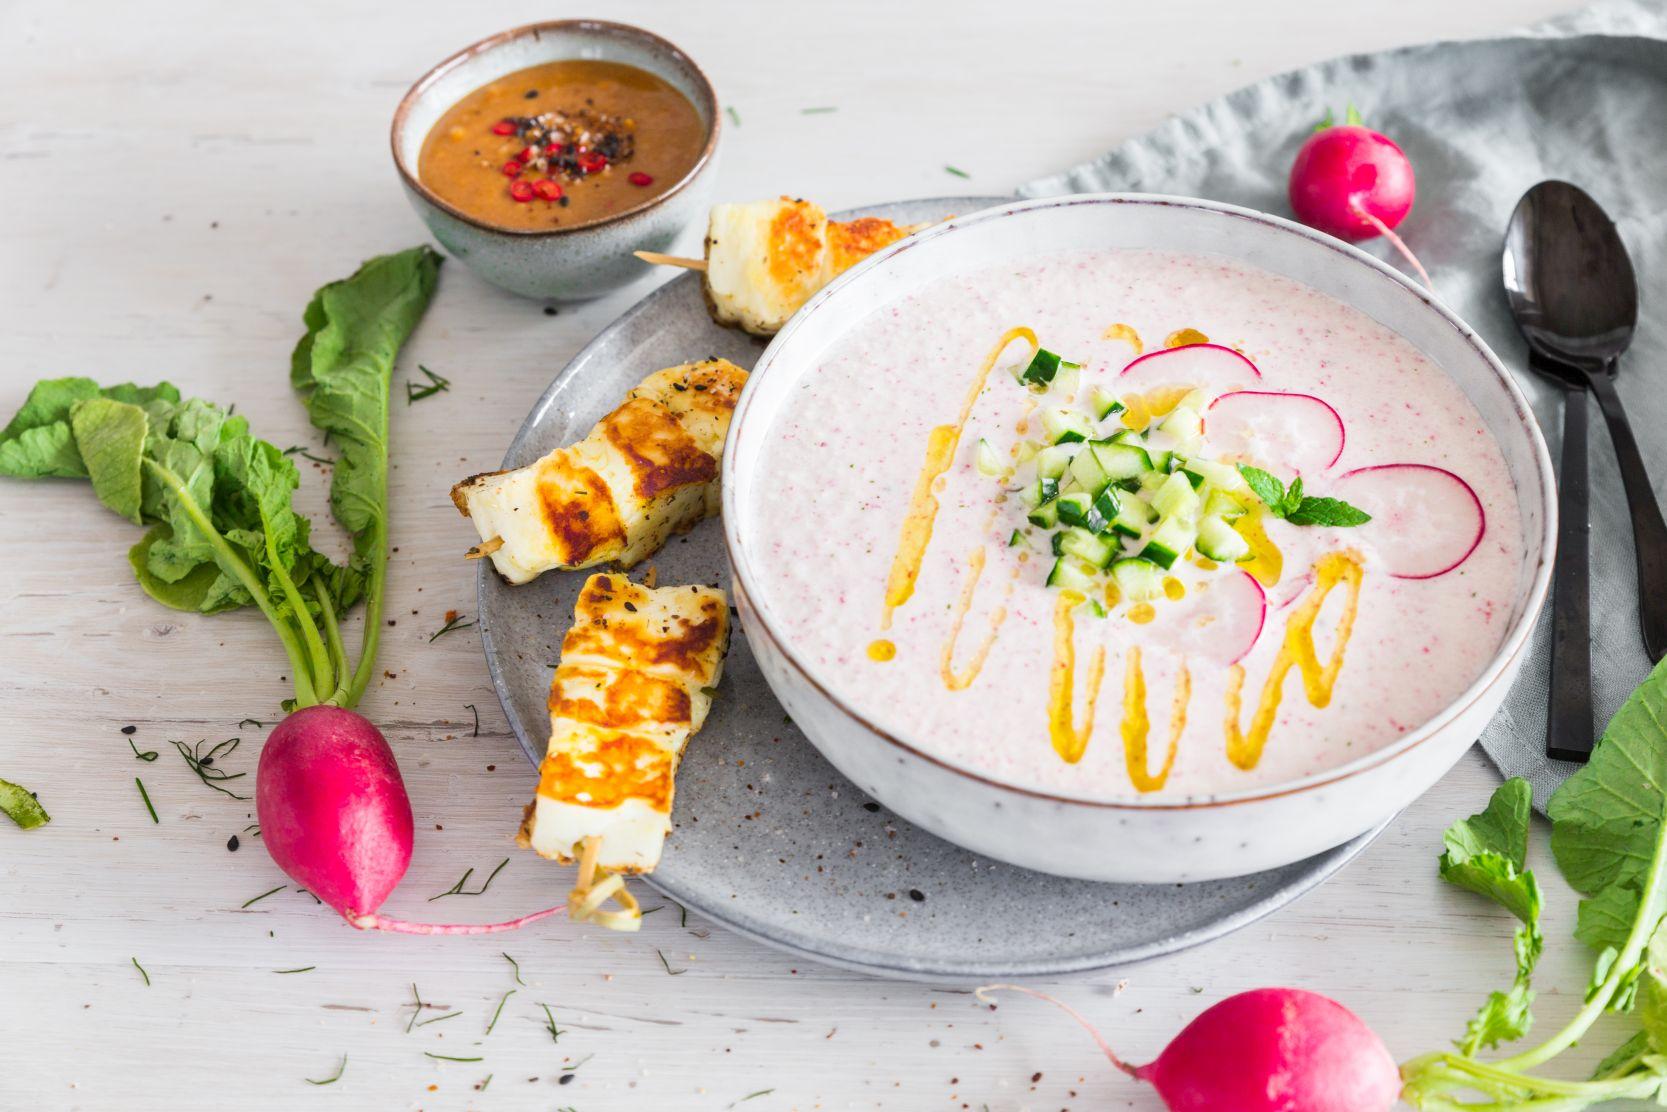 Kalte Kokos-Radieschen-Suppe mit Halloumi-Spießen und Curry-Nuss-Dip Schätze aus meiner Küche